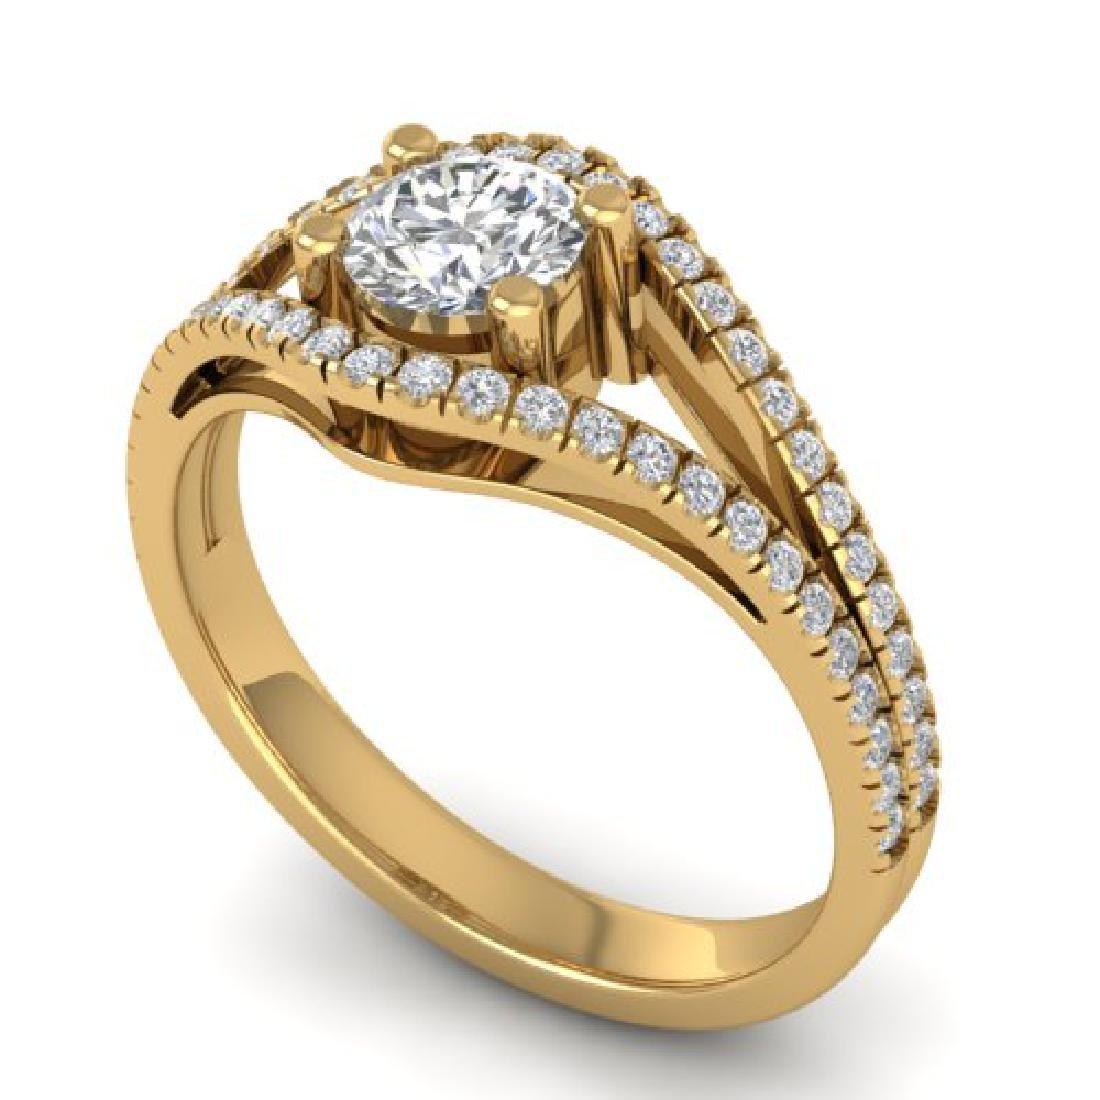 1.05 CTW Certified VS/SI Diamond Art Deco Ring 18K - 2